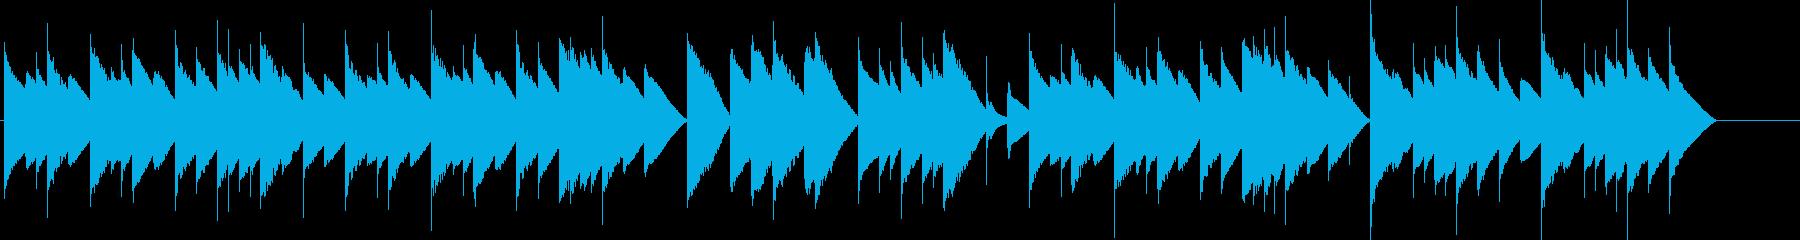 オルゴールで子守唄1(シューベルト) の再生済みの波形